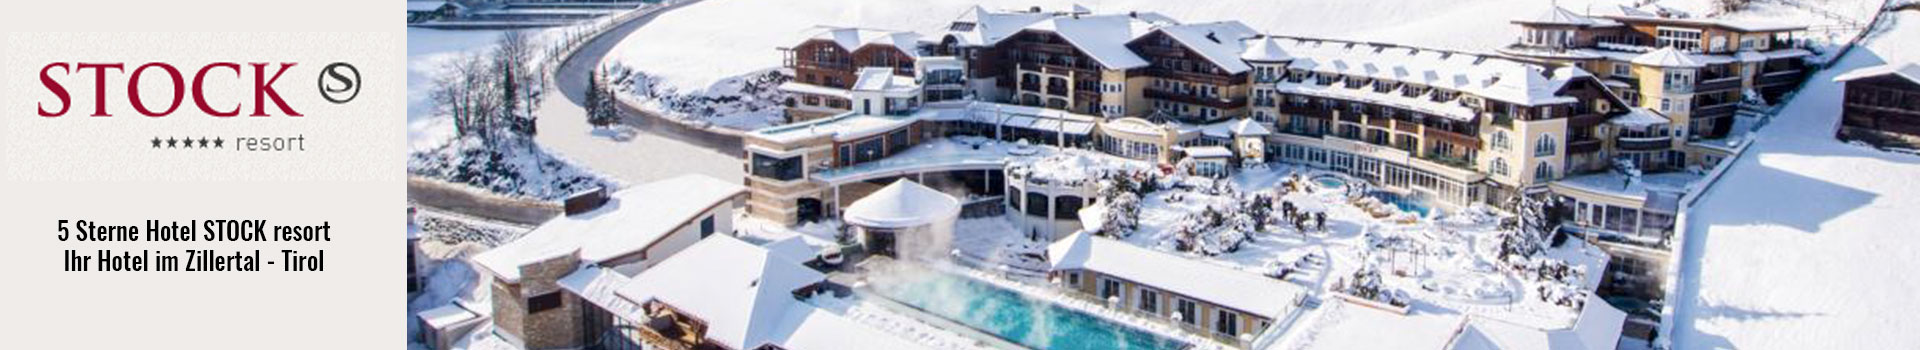 Banner Hotel Suchergebnisse 1920x350px – Stock Resort